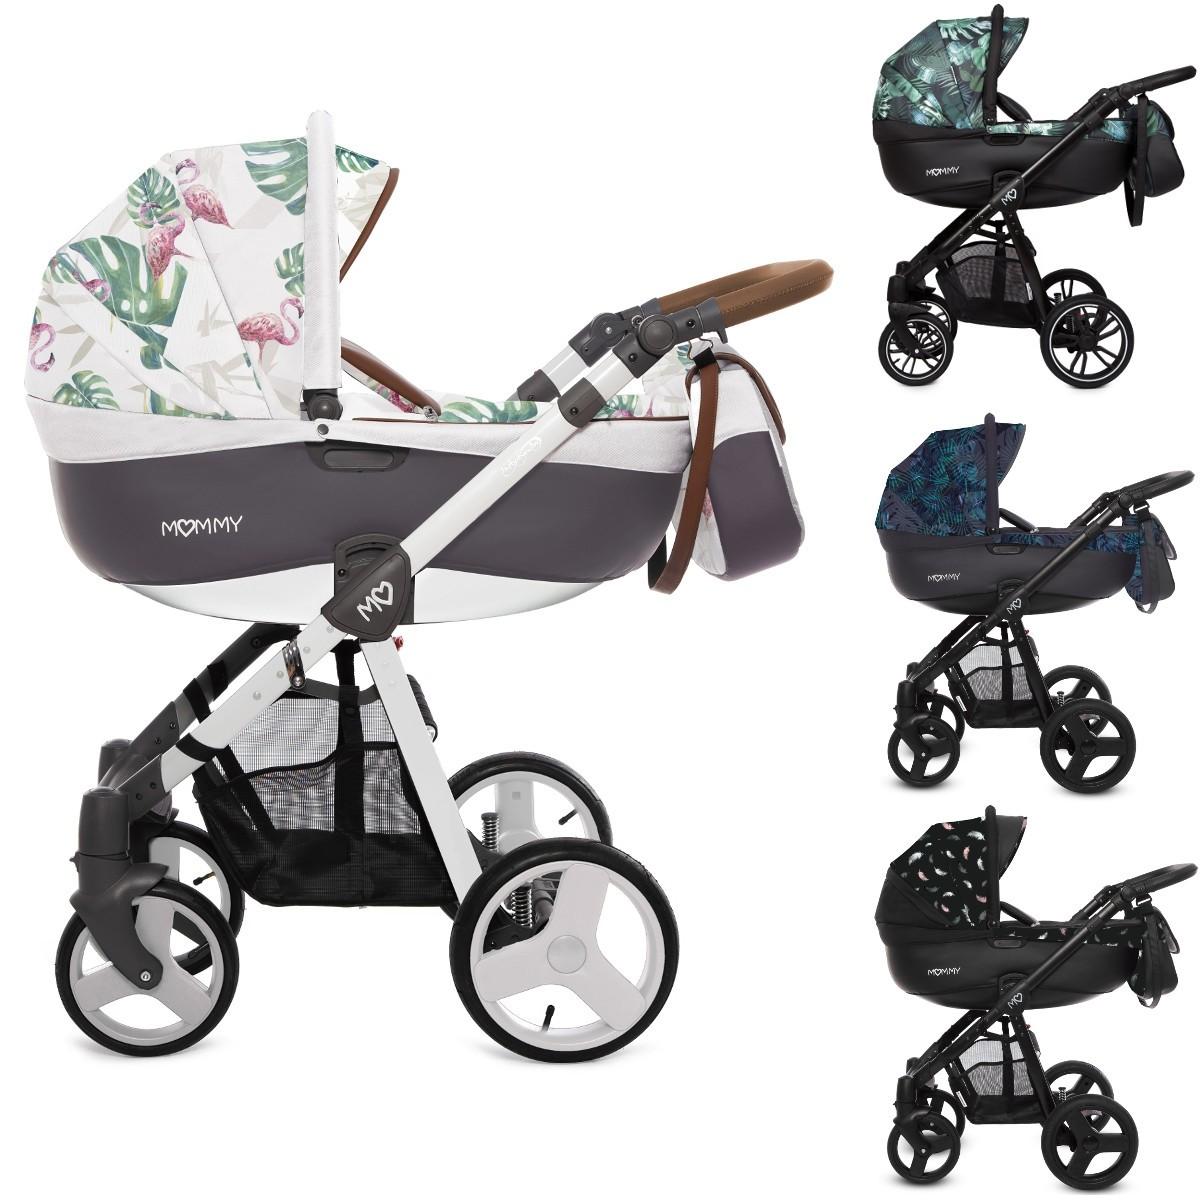 mommy kombi kinderwagen 2in1 mit babywanne sportwagenaufsatz buggy oder 3in1 babyschale. Black Bedroom Furniture Sets. Home Design Ideas